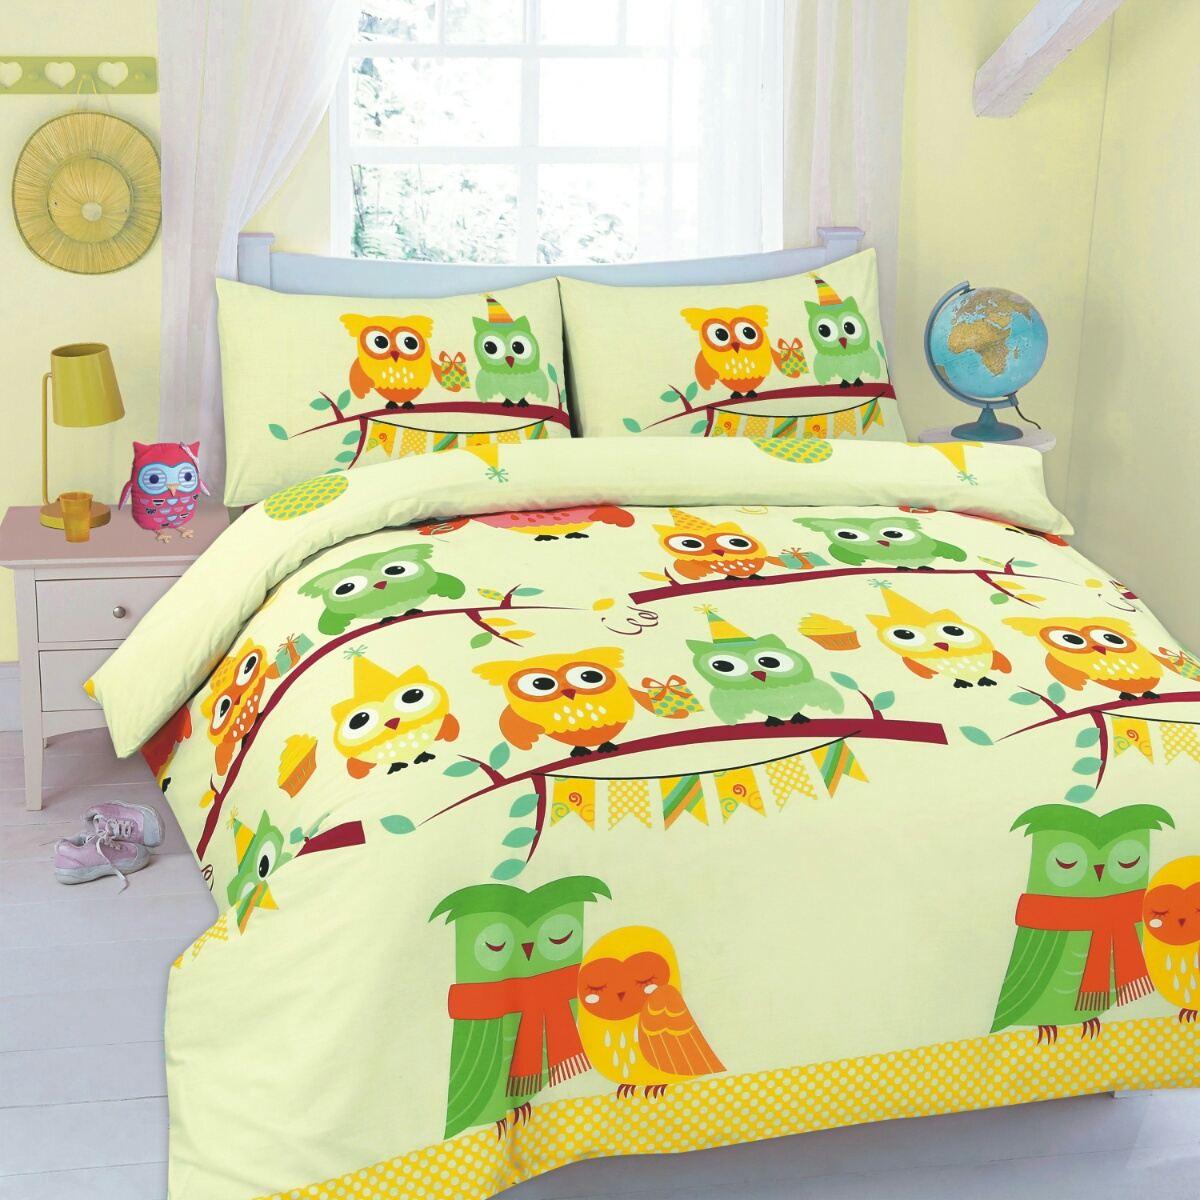 Imprime-couette-housses-de-couette-hibou-paris-literie-polyester-coton-taies-d-039-oreiller